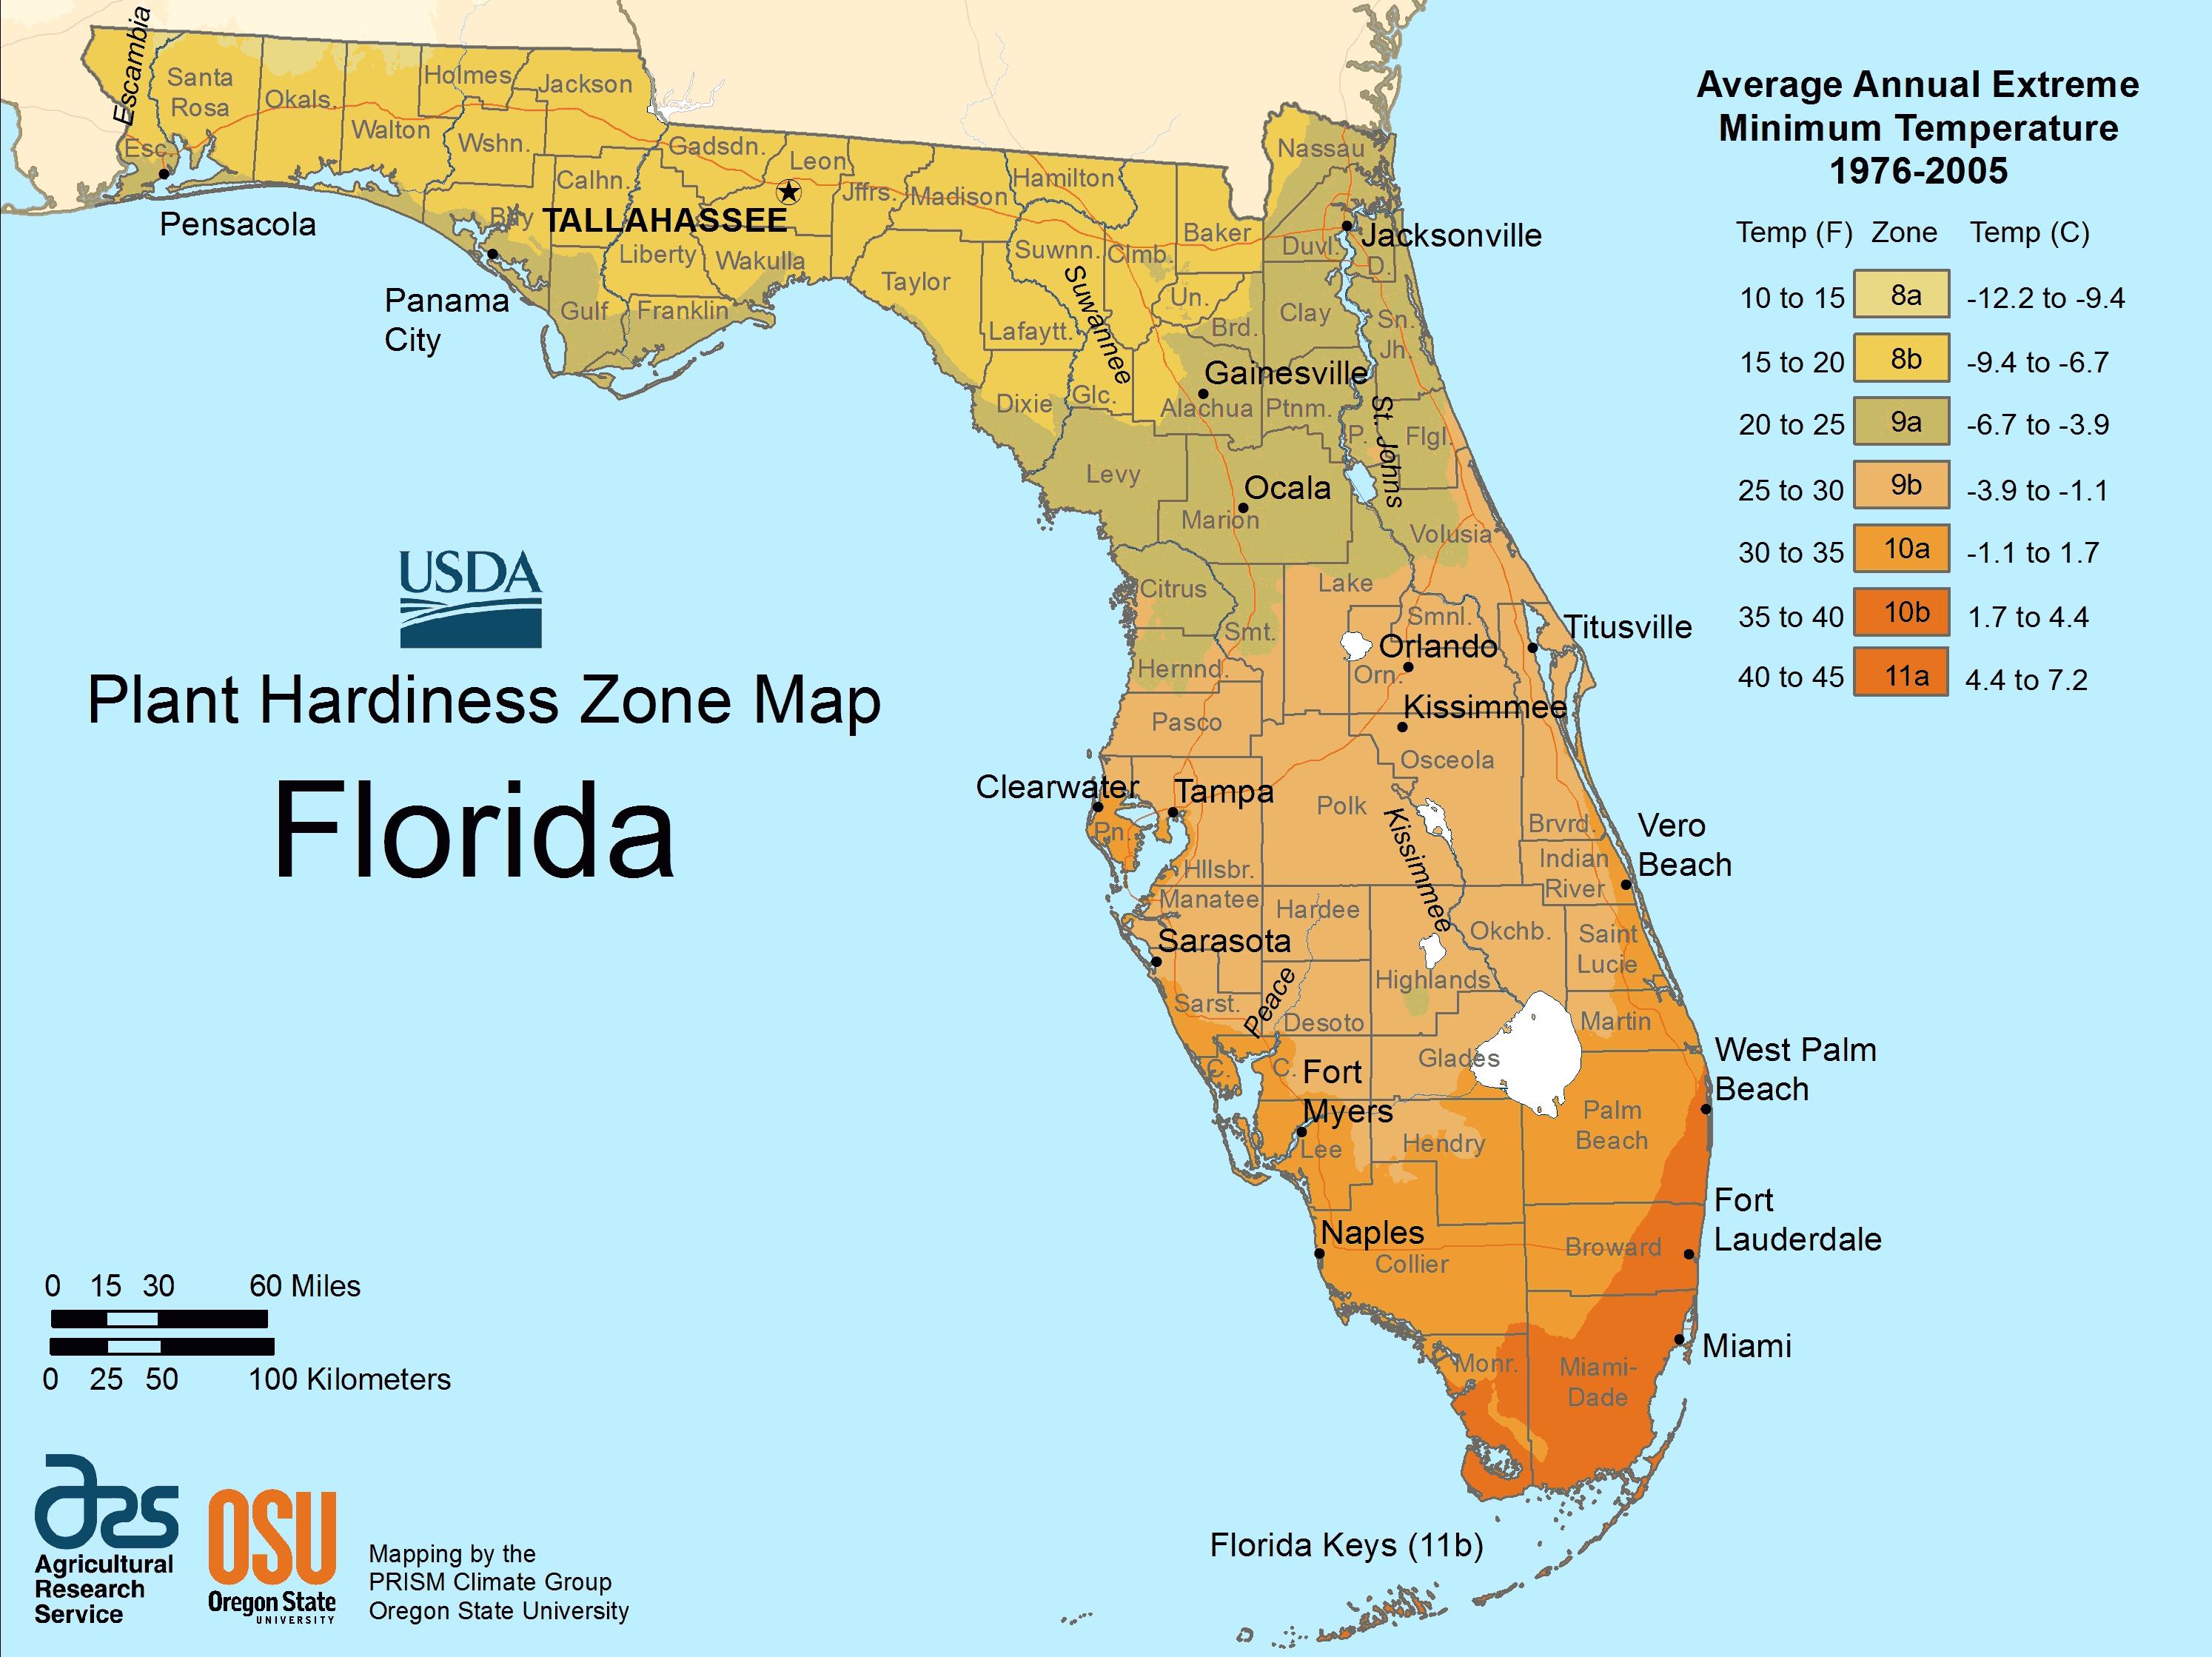 Florida Plant Hardiness Zone Map Large Map | Outdoors | Florida - Plant Zone Map Florida